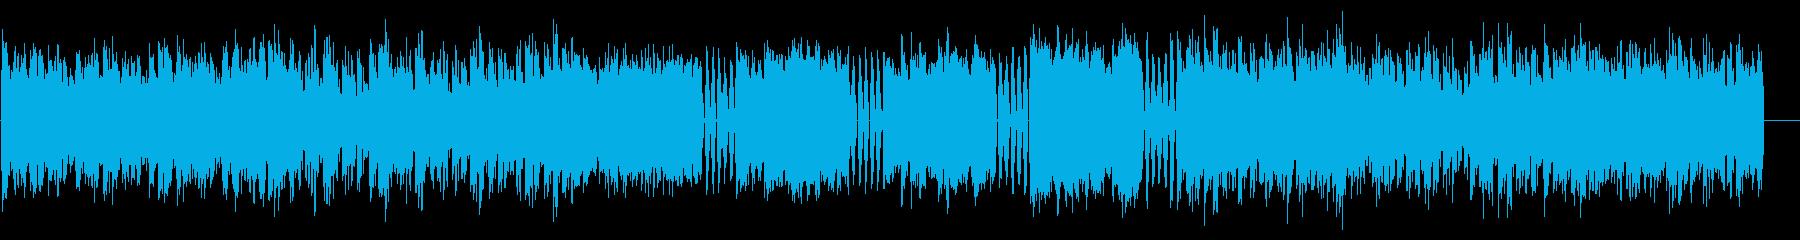 ファミコン調8bitのBGM 2の再生済みの波形